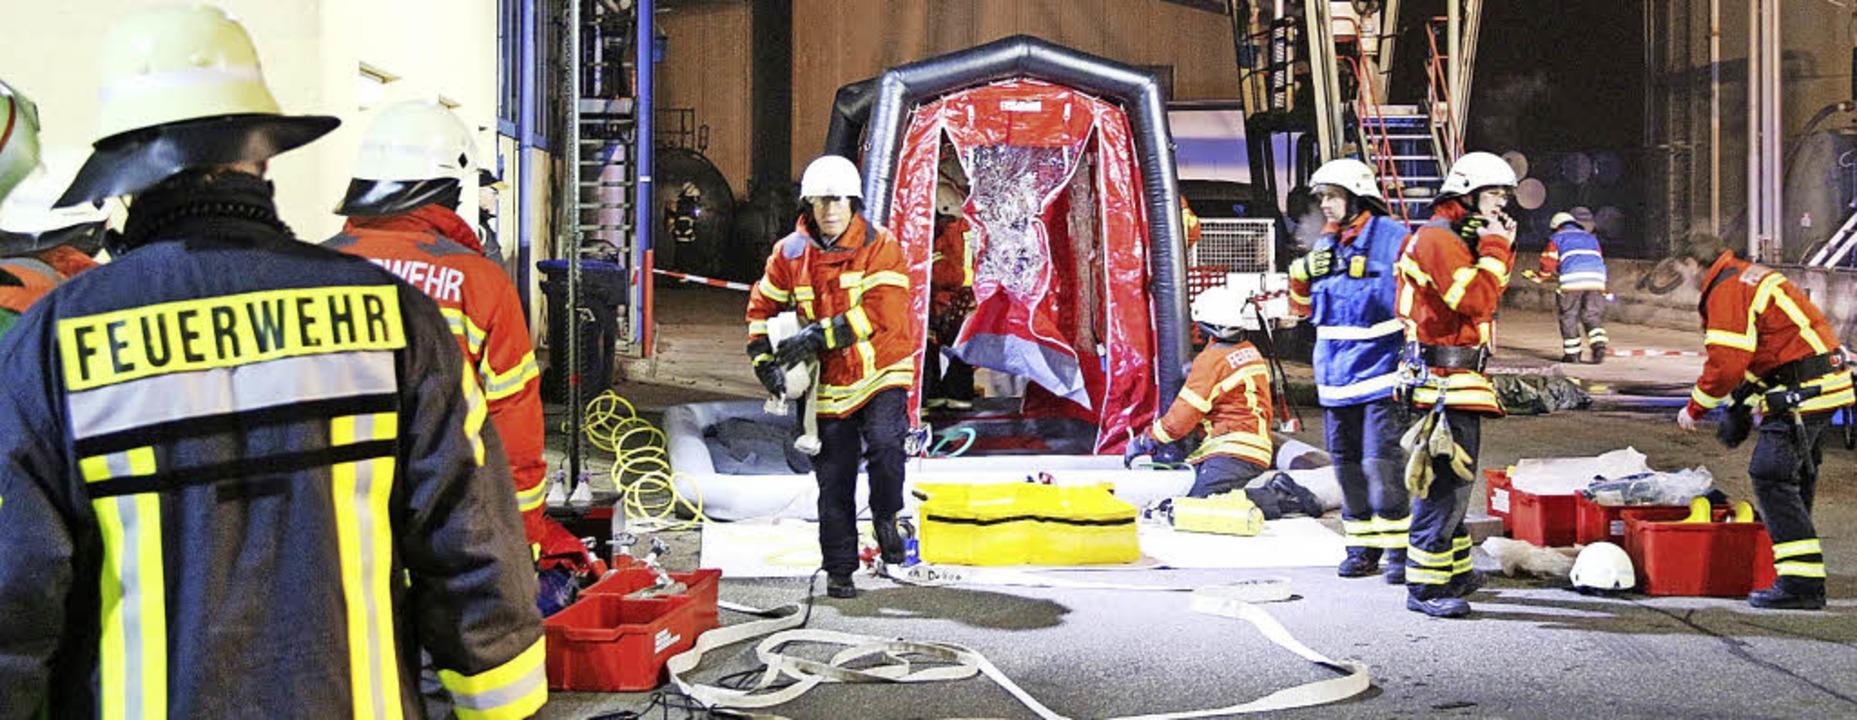 Bei der Gefahrgutübung in Hugstetten wurde ein Dekontaminationszelt aufgebaut.   | Foto: Horst David